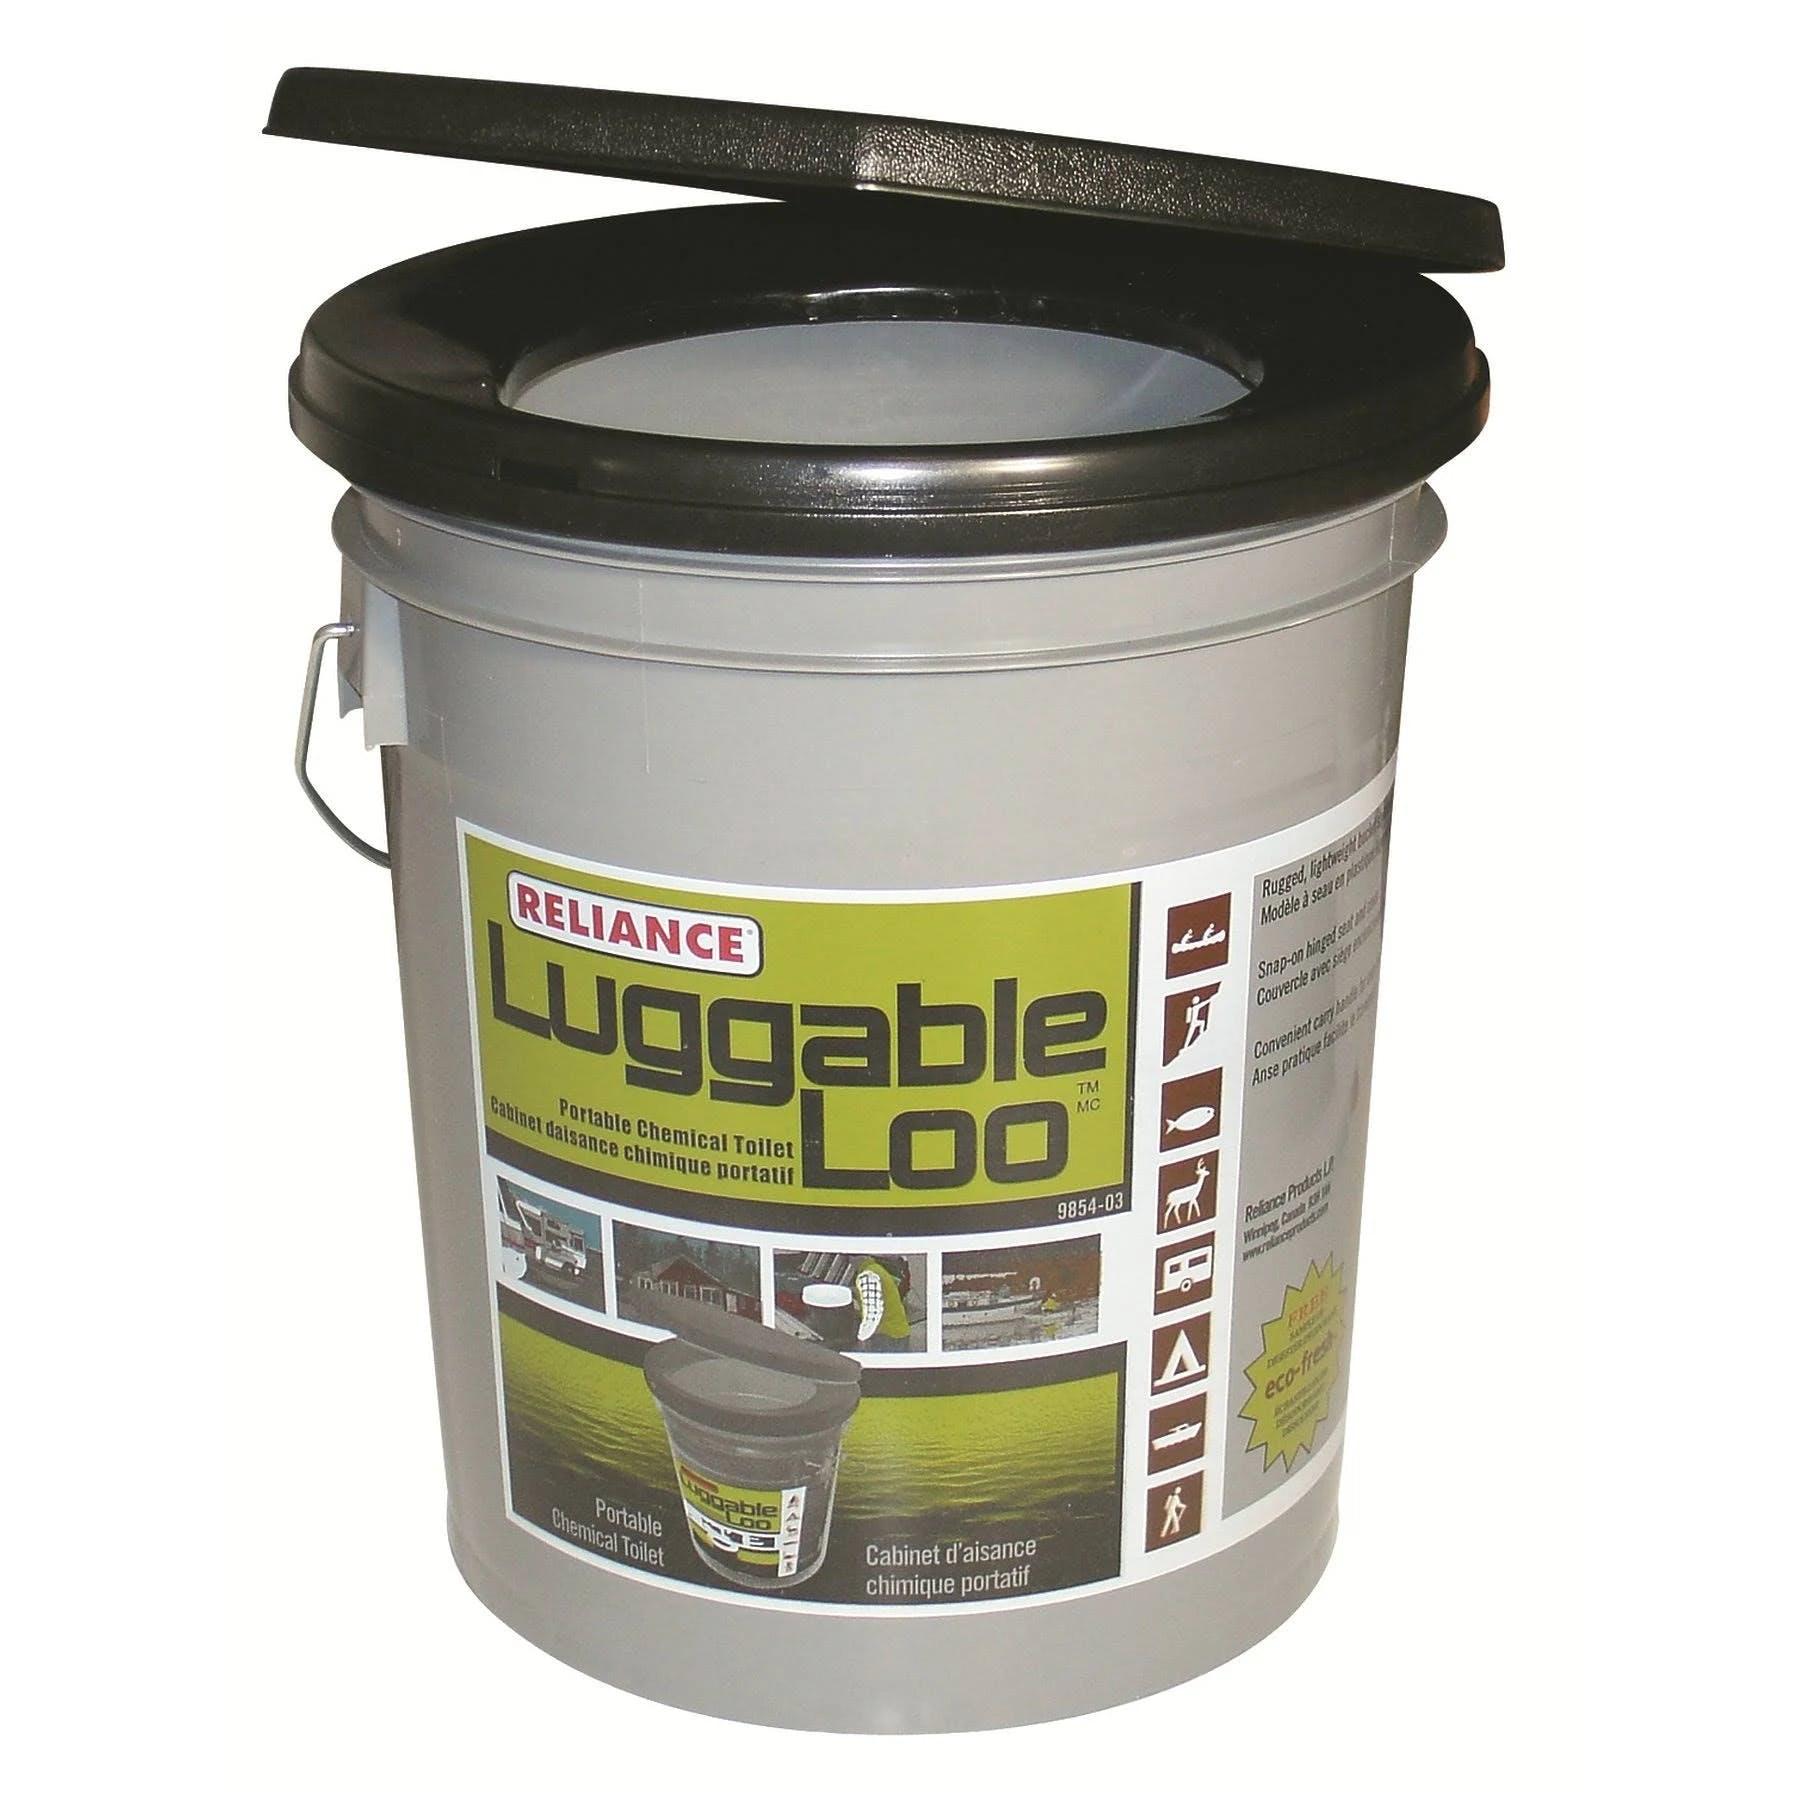 Reliance Luggable Loo Portable Toilet, Gray